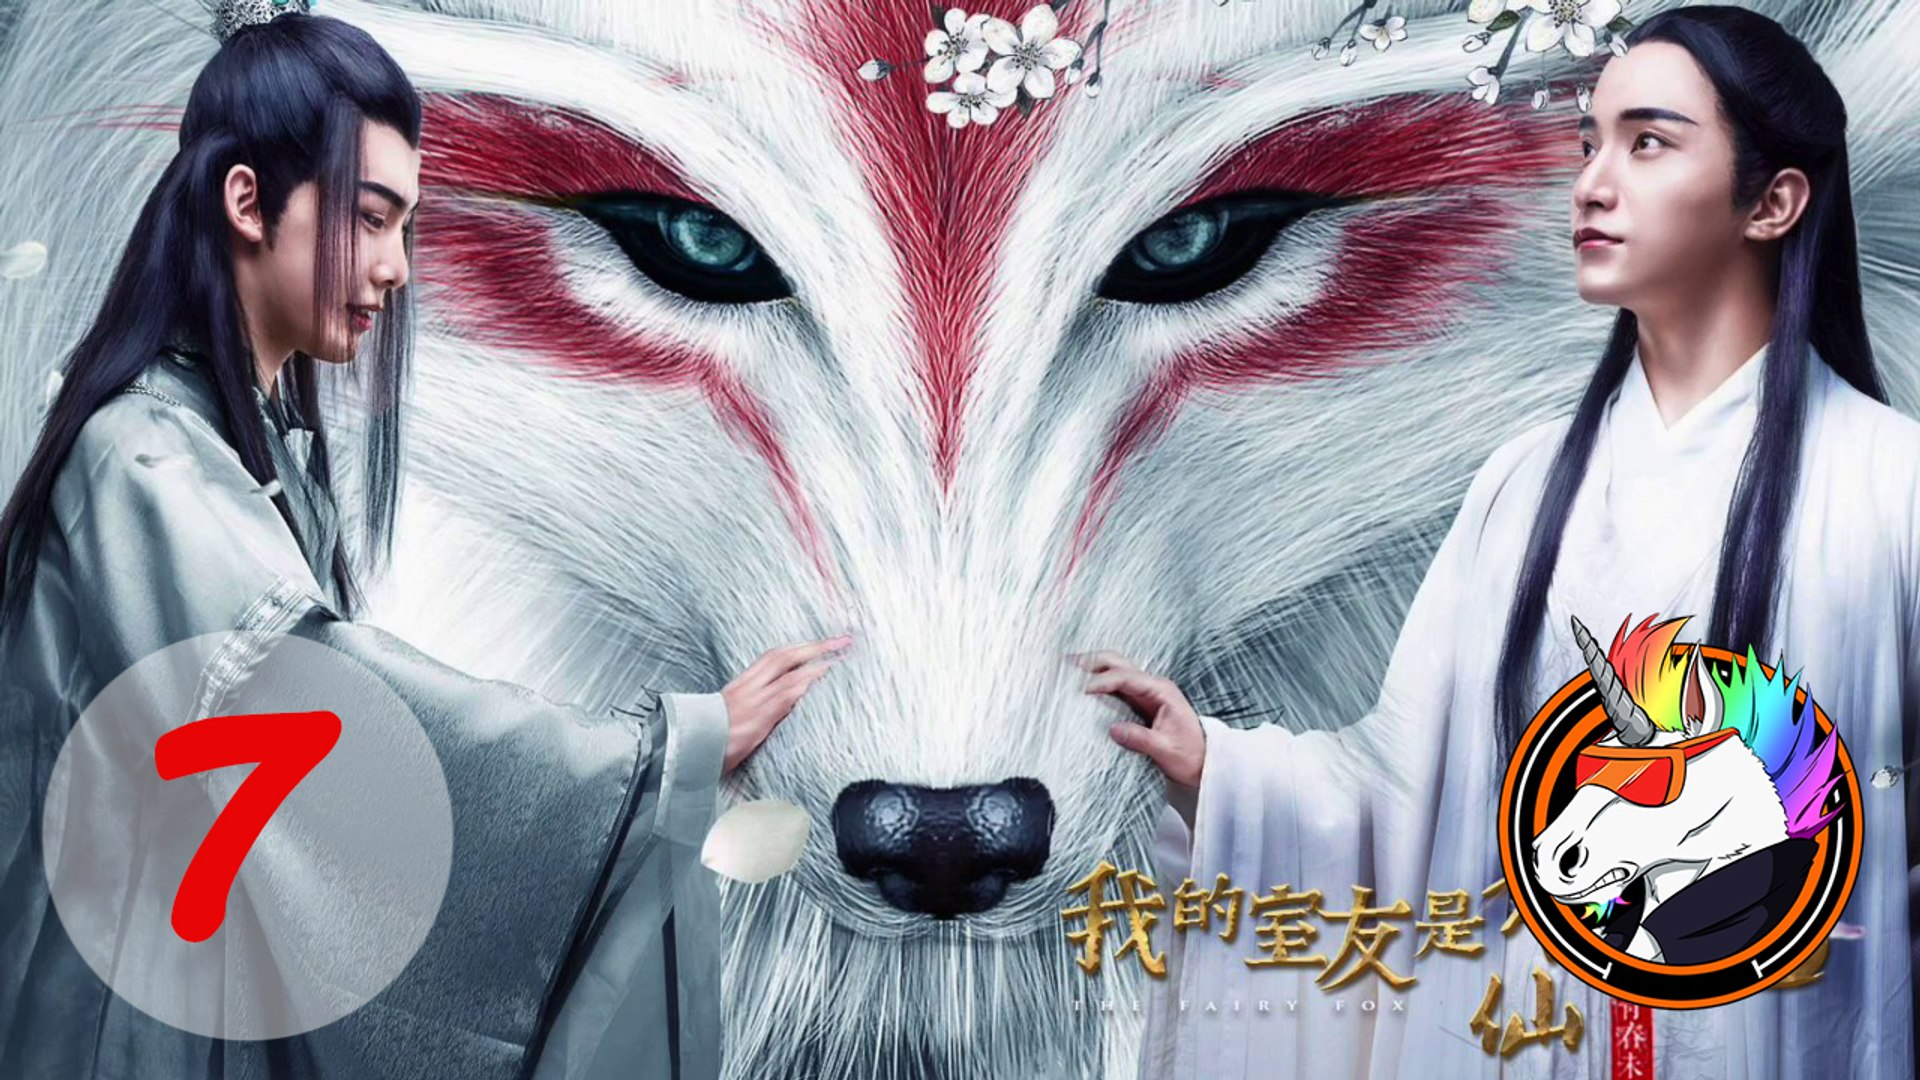 我的室友是狐仙The Fairy Fox 7.Bölüm Türkçe Altyazı İzle BL [Boys Love]